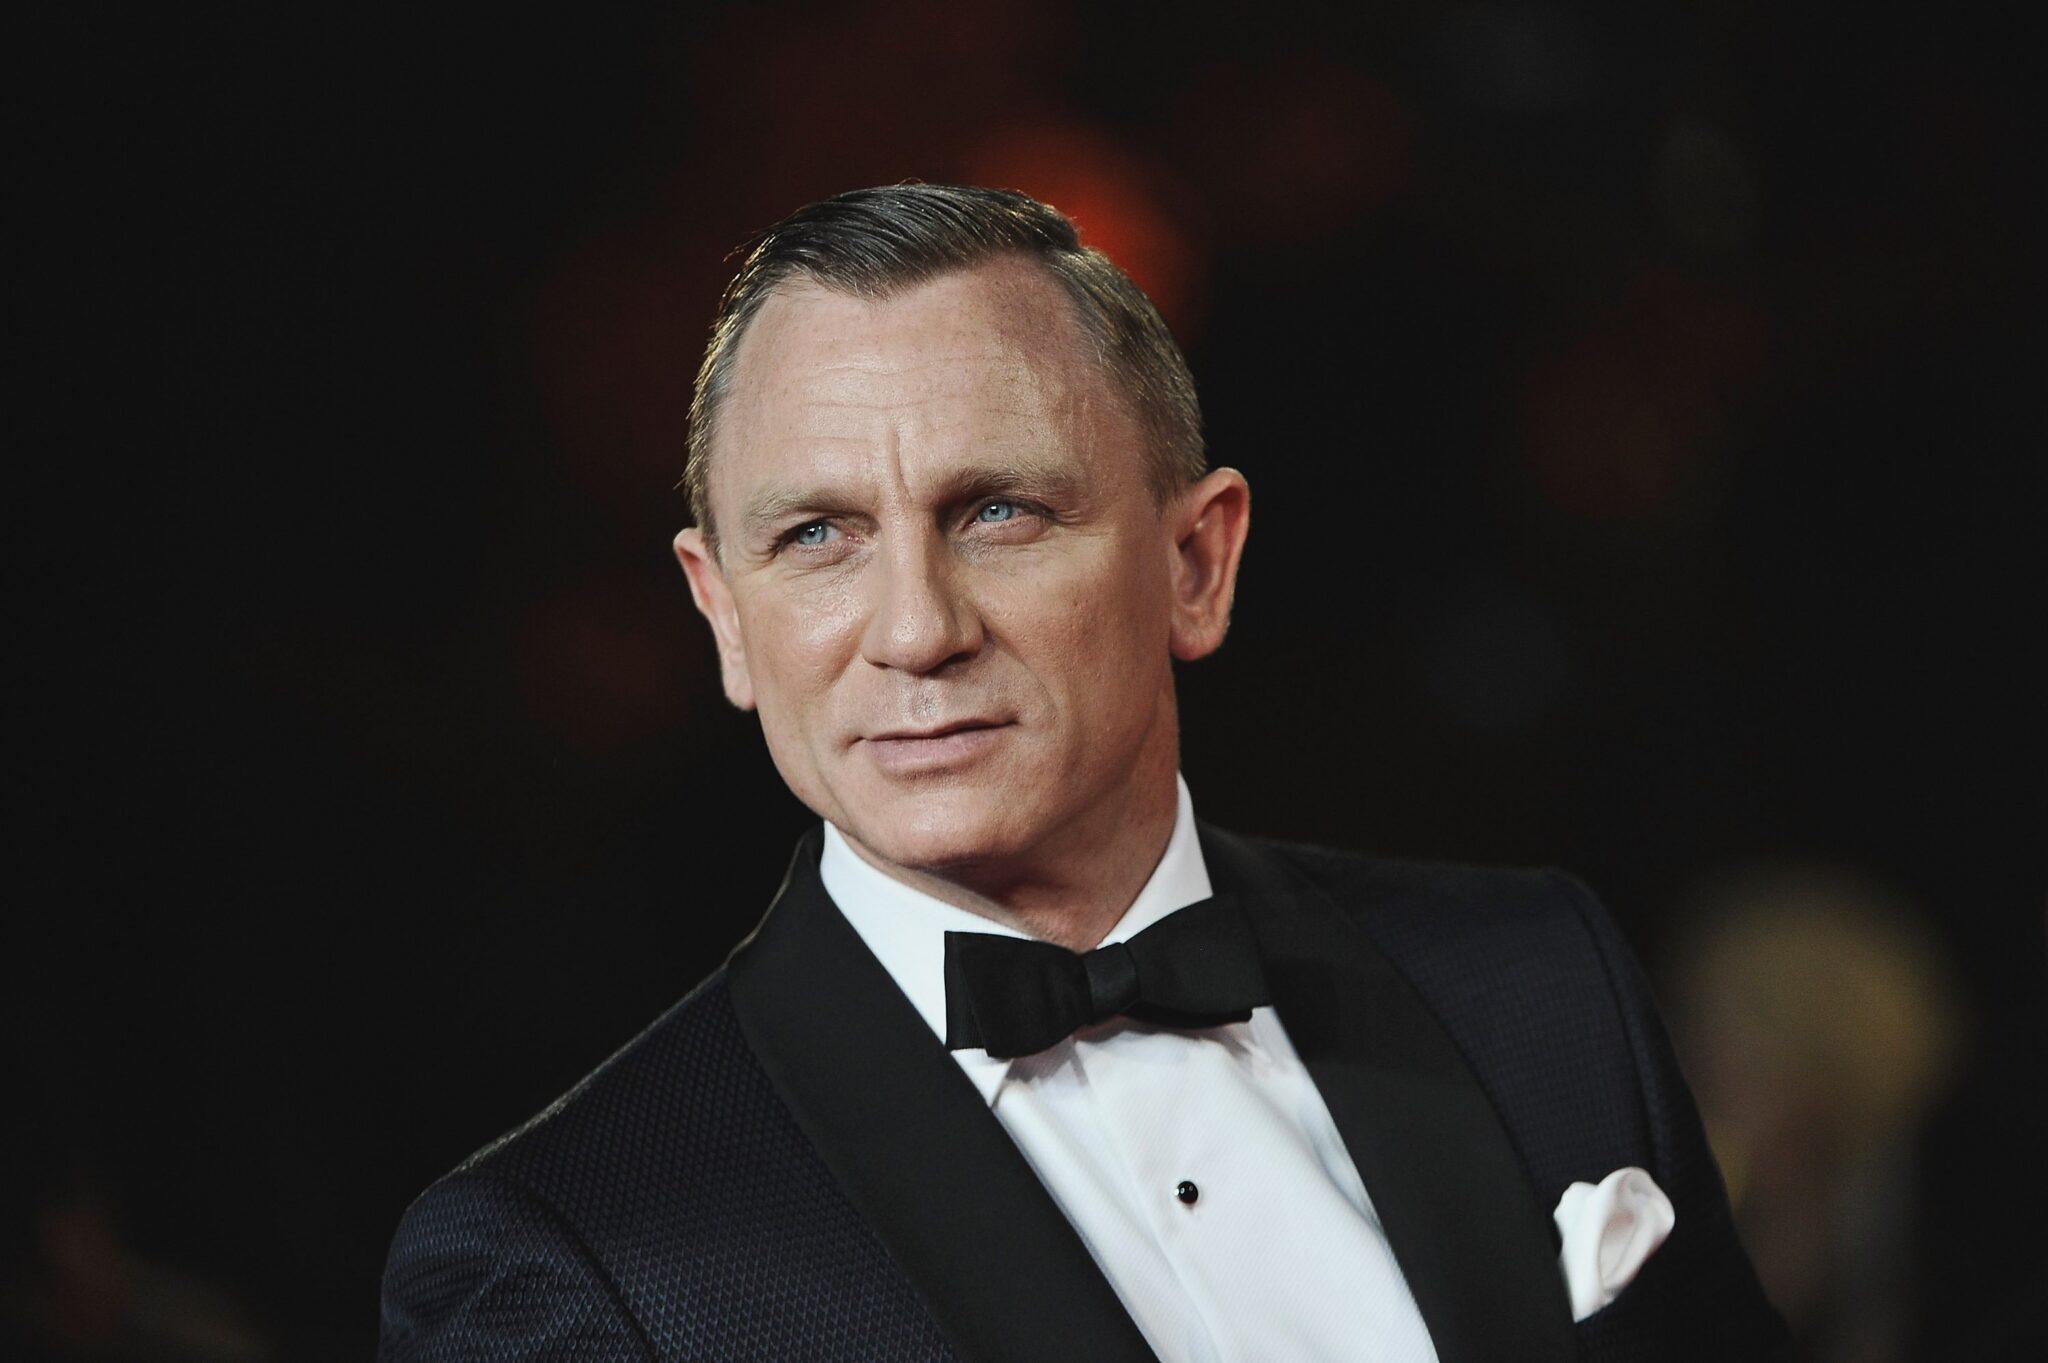 L'attore di James Bond era un senzatetto <br> I letti più comodi di Daniel Craig sono state le gelide panchine della periferia londinese <br> E non è l'unica star sbucata fuori dalla miseria